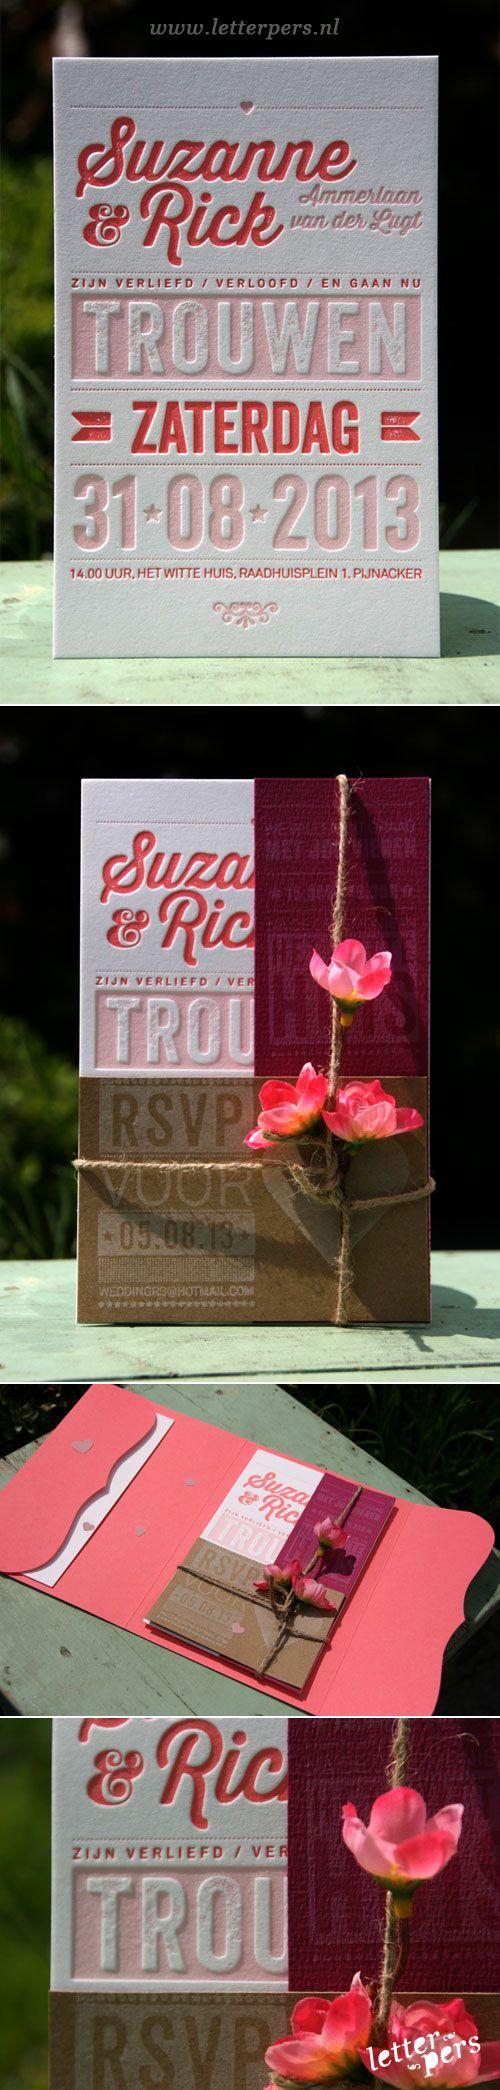 letterpers_letterpress_trouwkaart_Suzanne-en-Rick_roze_bloemen_pakketje_zomers_lief